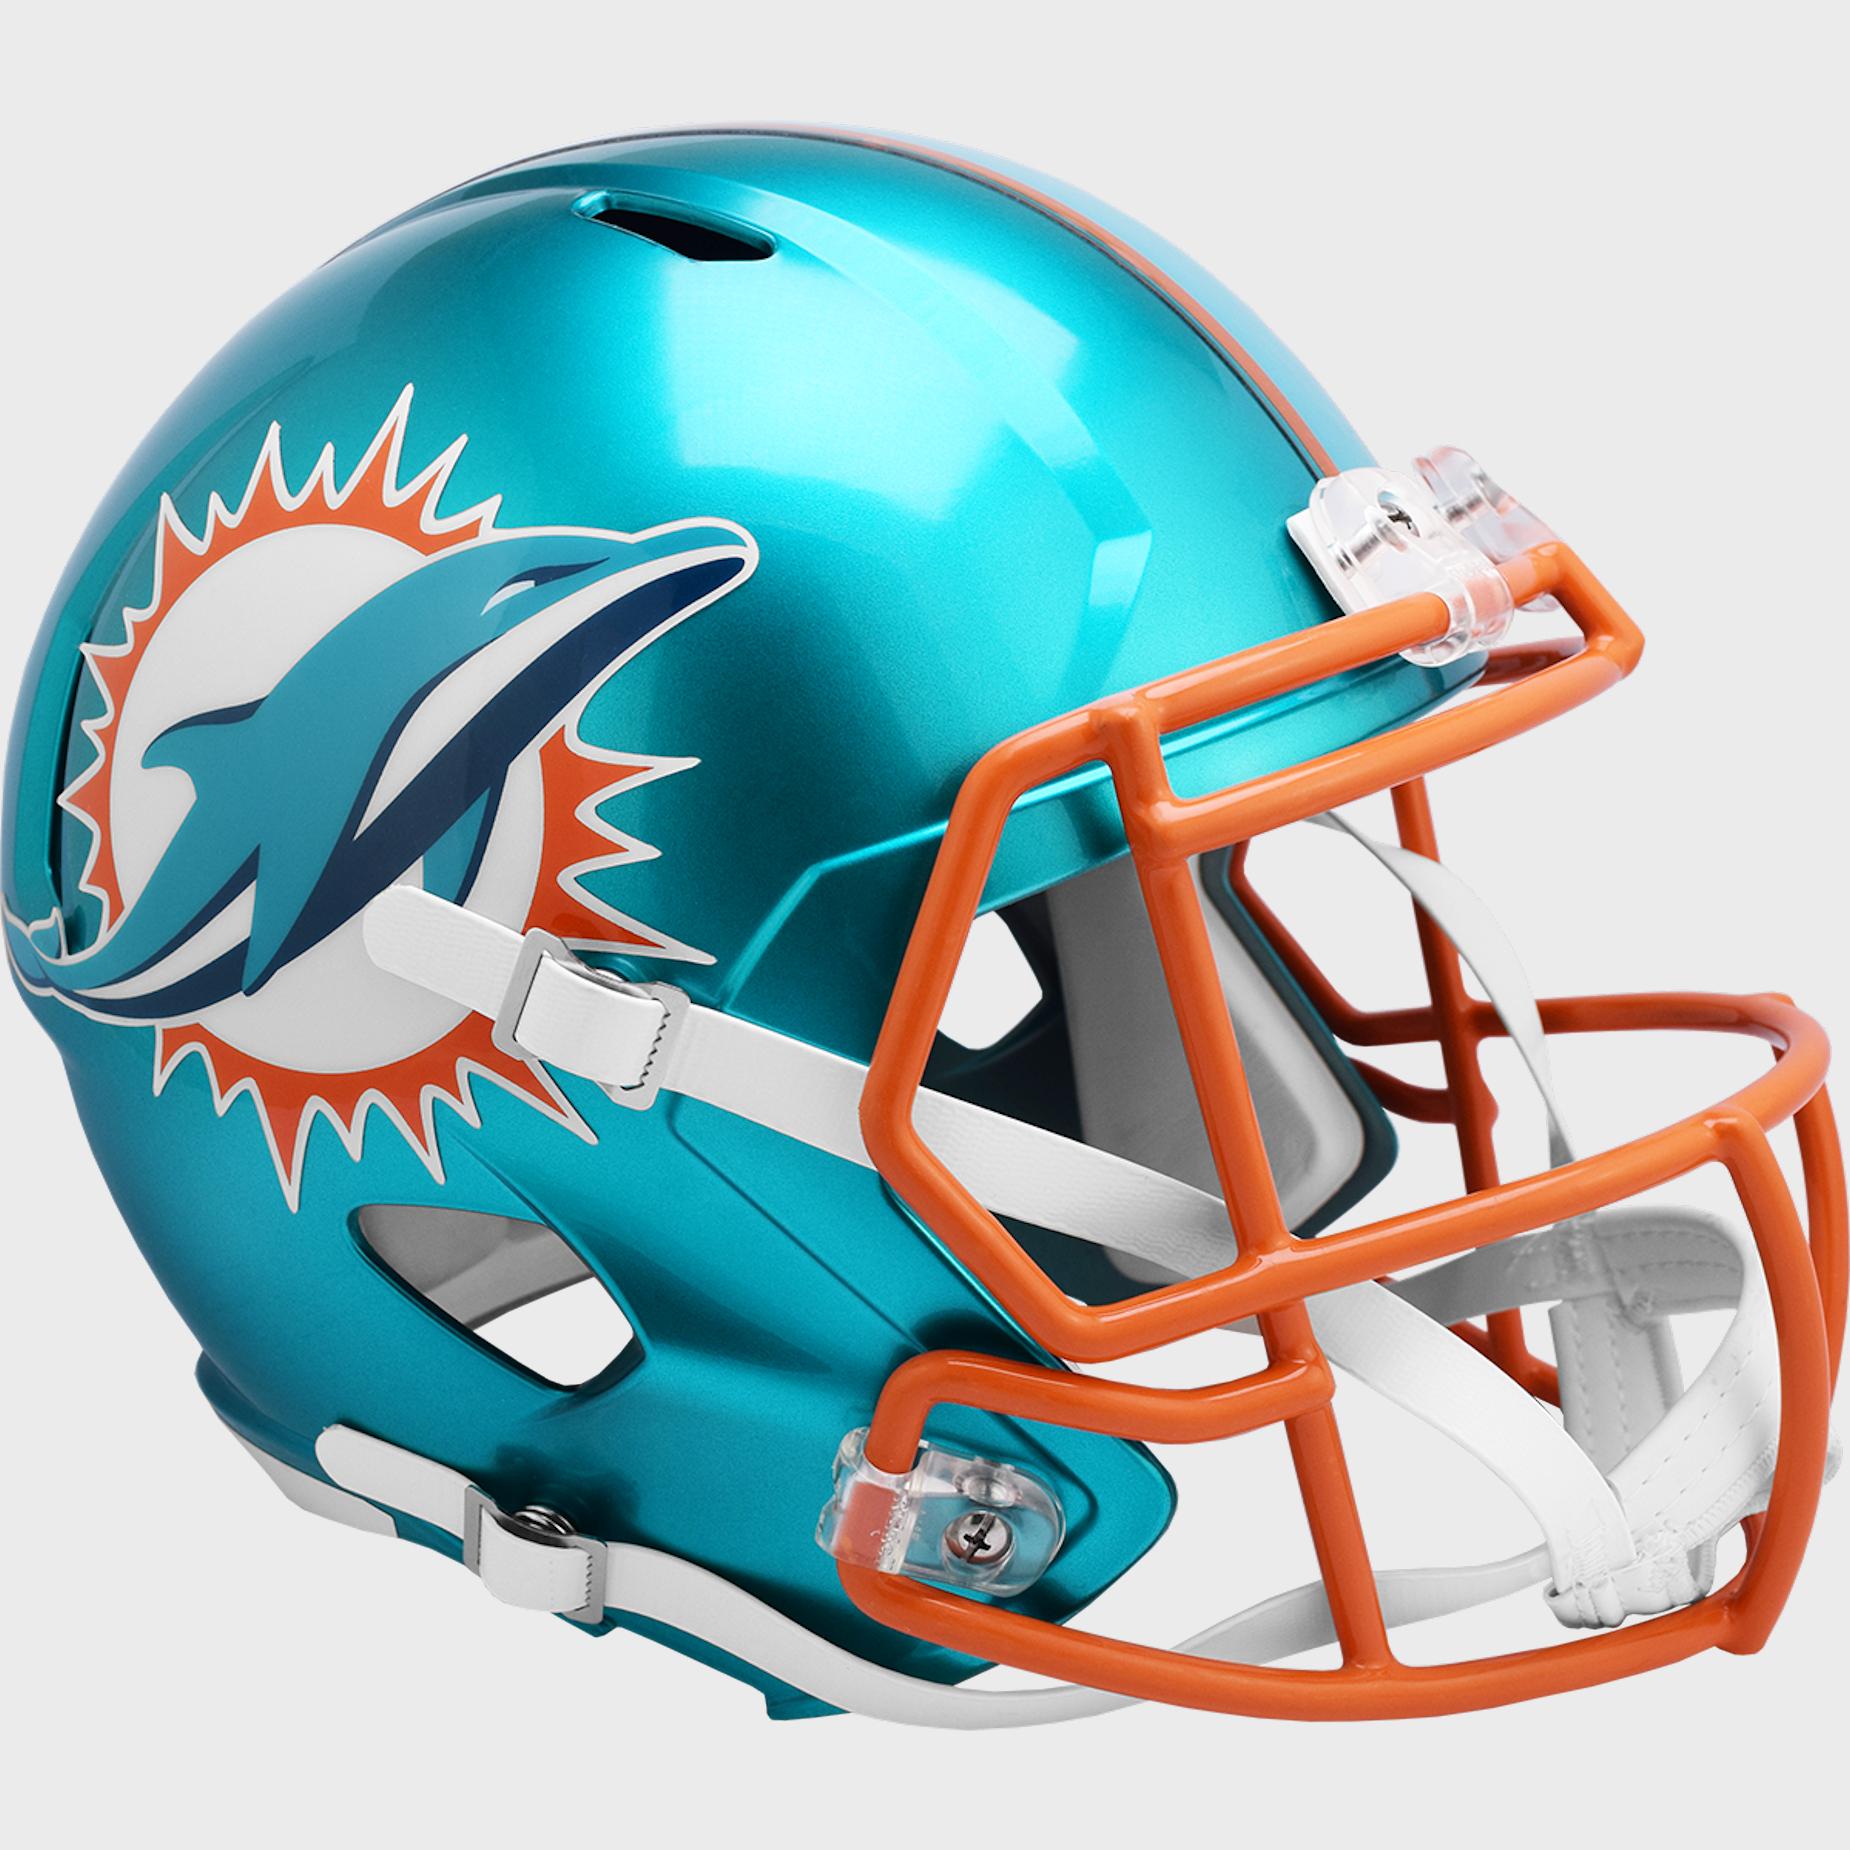 Miami Dolphins Speed Replica Football Helmet <B>FLASH ESD 8/21/21</B>